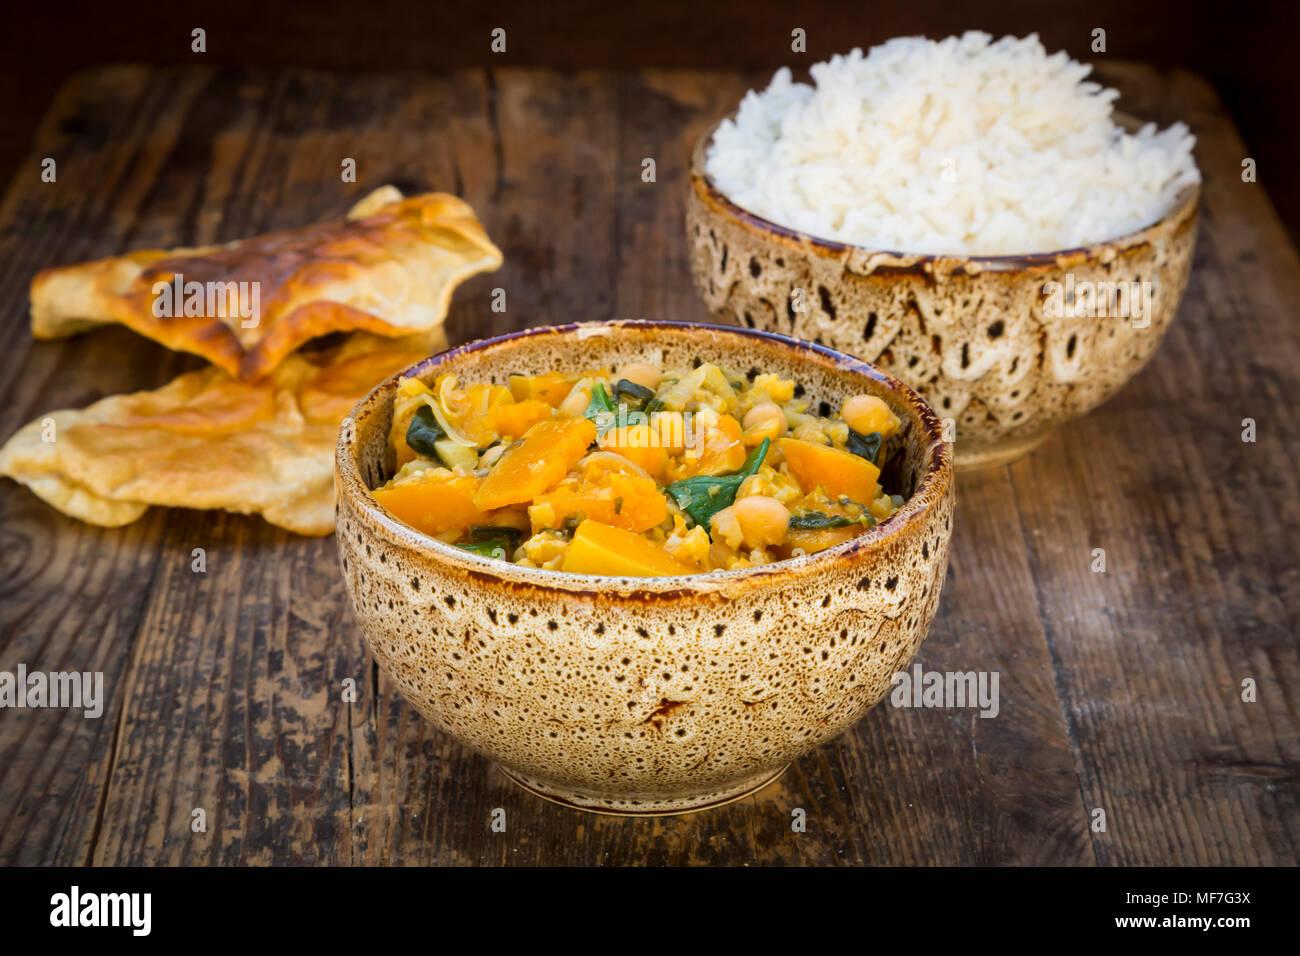 Plat de curry avec chou-fleur, épinards, potiron butternut et coriandre, riz et papadam Photo Stock